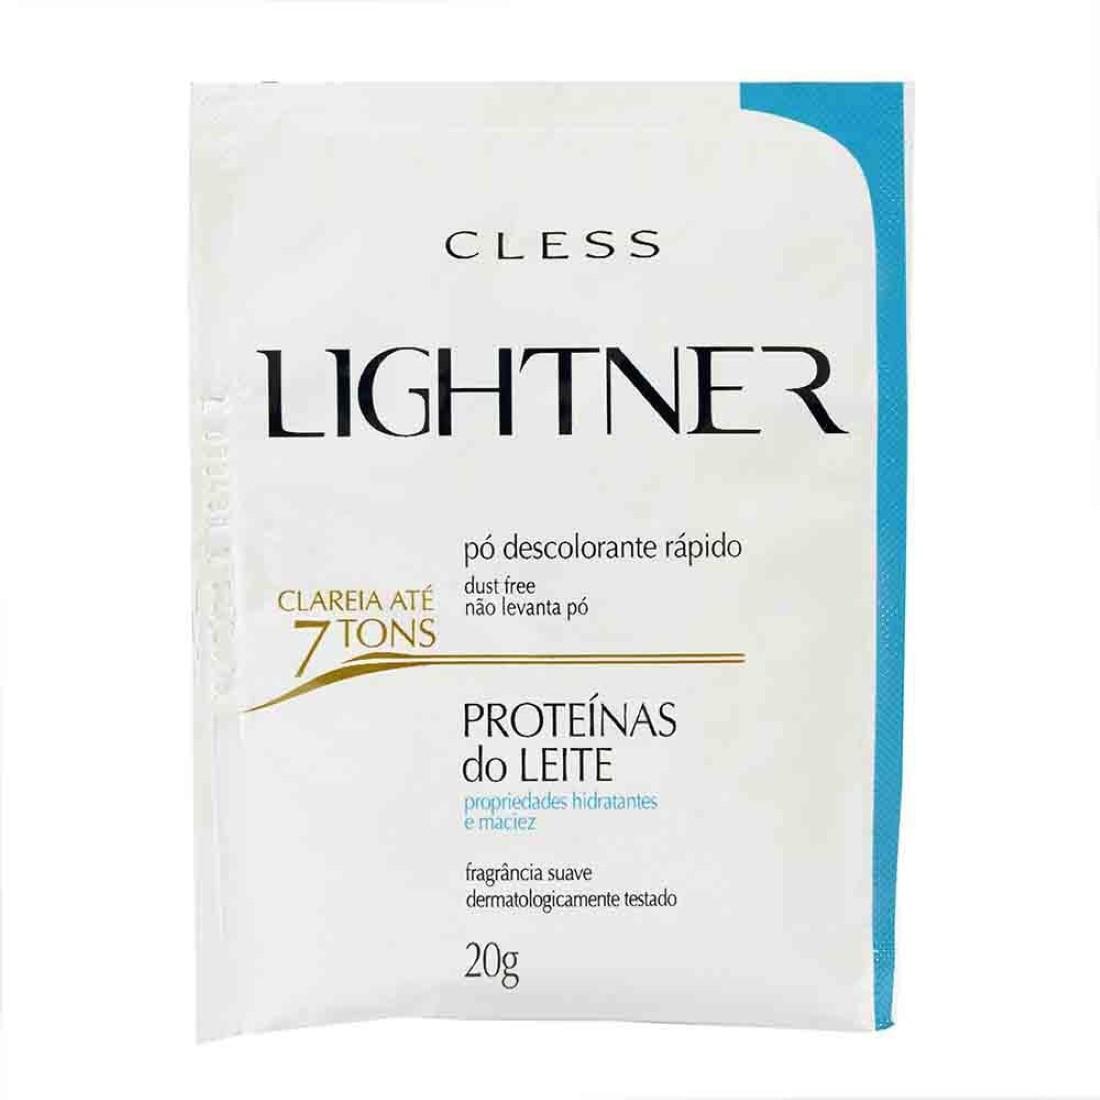 Pó Descolorante Lightner Proteínas do Leite 20g - Cless